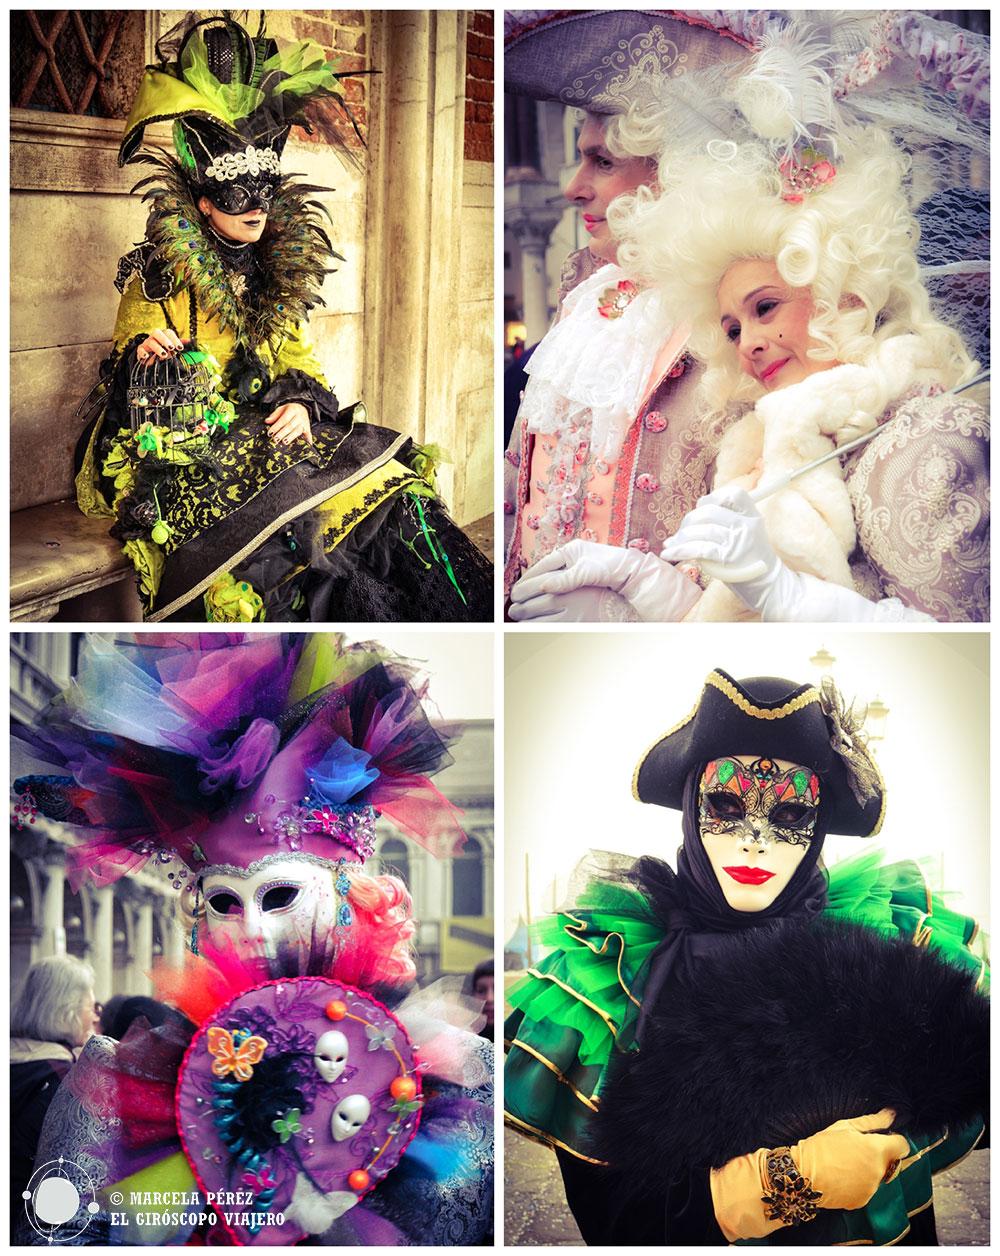 Festival de disfraces. Es impresionante lo elaborados que son cada uno de ellos. ©Marcela Pérez Z.